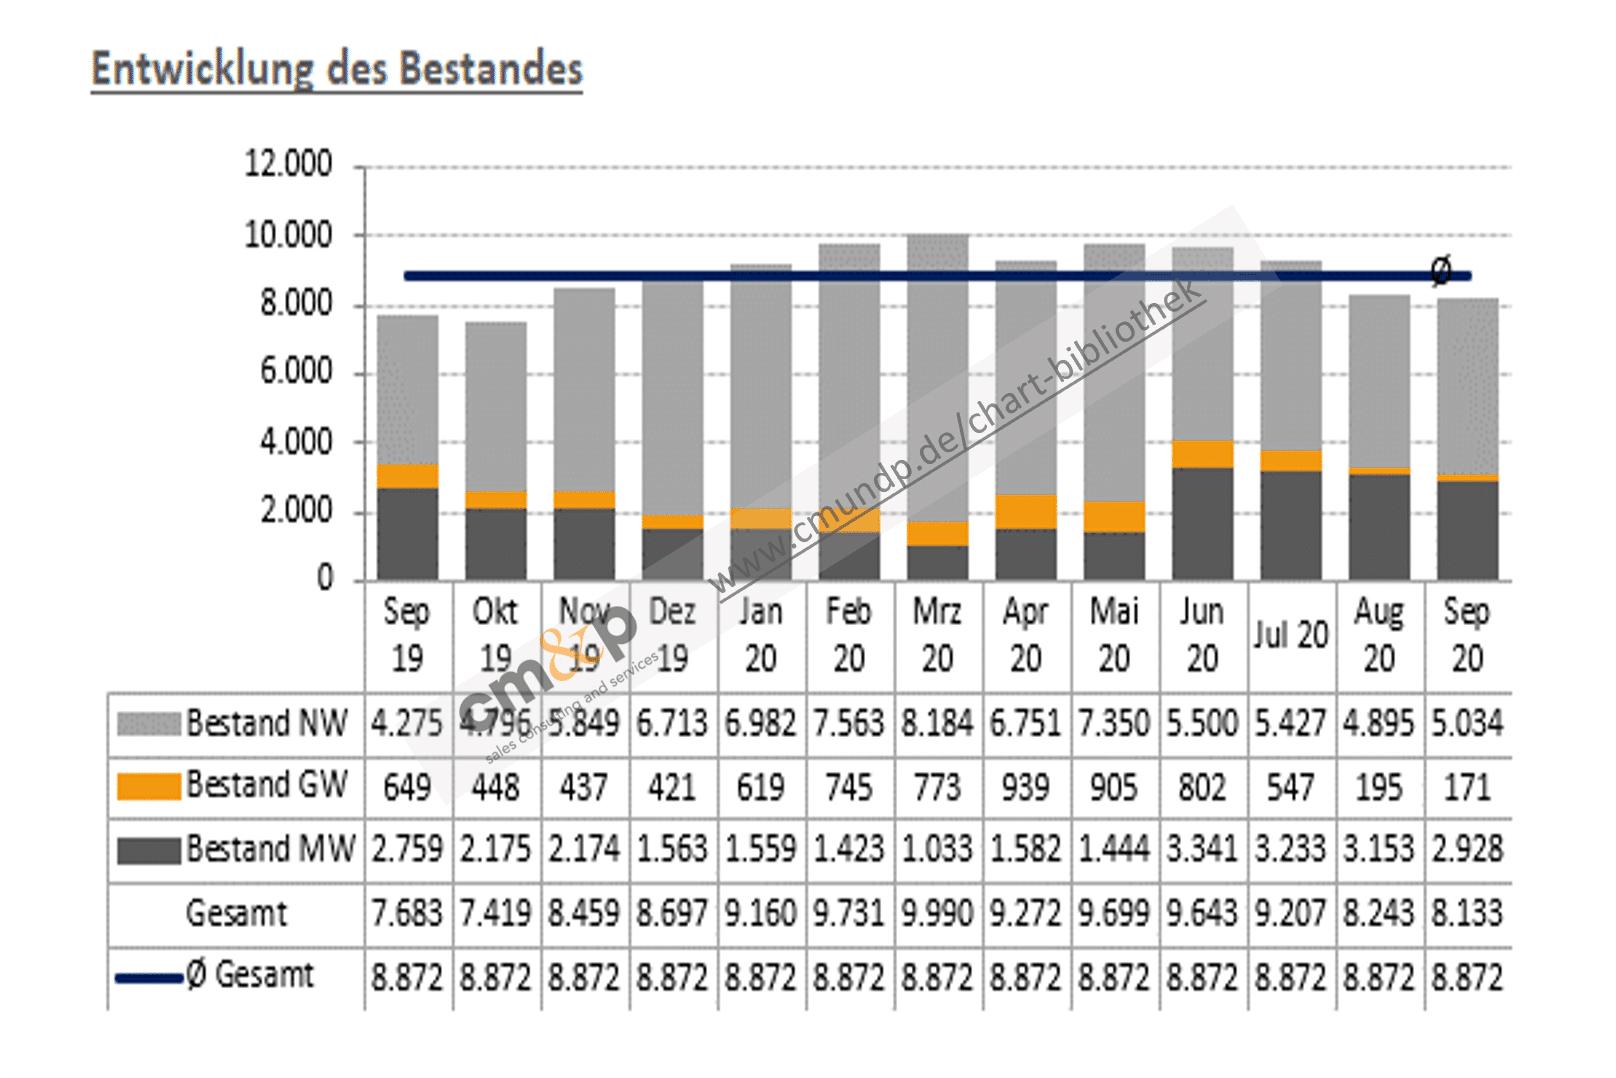 Darstellung des Fahrzeugbestandes von Neu-, Gebraucht- und Mietwagen als gestapelte Säulen über 13 Monate rollierend Abbildung des Ø-Bestandes aller Fahrzeuge als Linie Alle Daten werden außerdem als Monatswerte tabellarisch in TEUR gezeigt